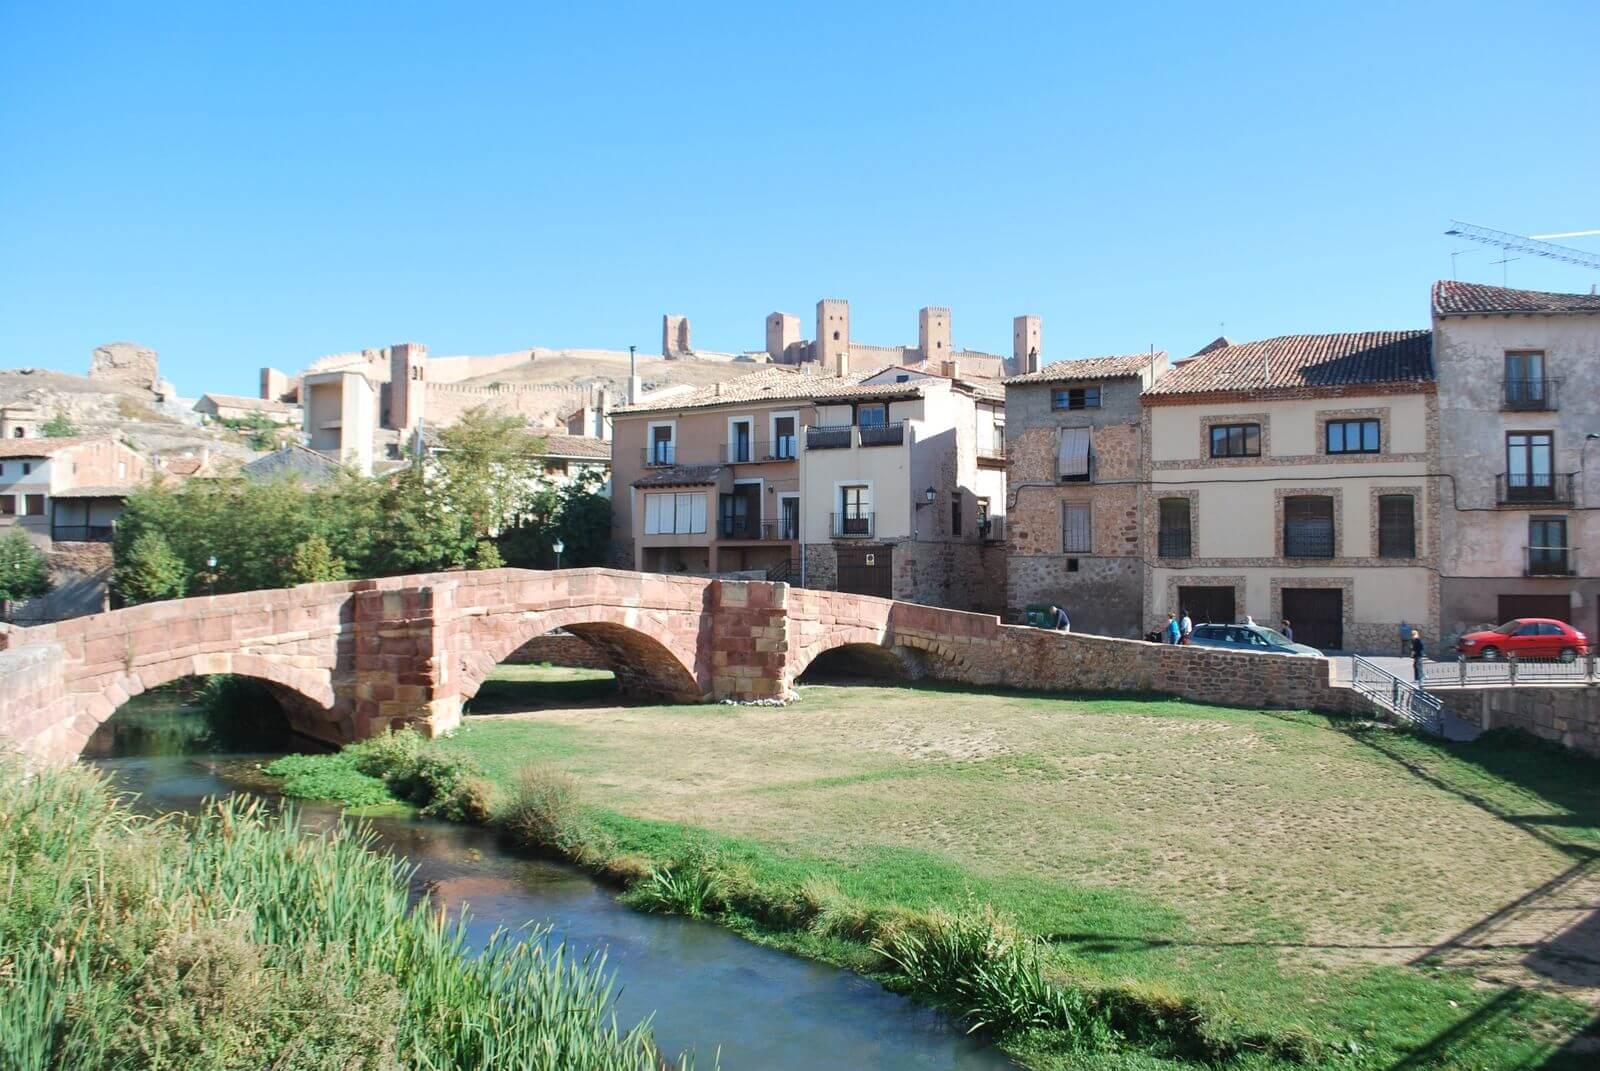 Vuelta a España 2021 Stary most na rzece Gallo, XIII w., w tle średniowieczny alcazar w Molina de Aragón, Hiszpania